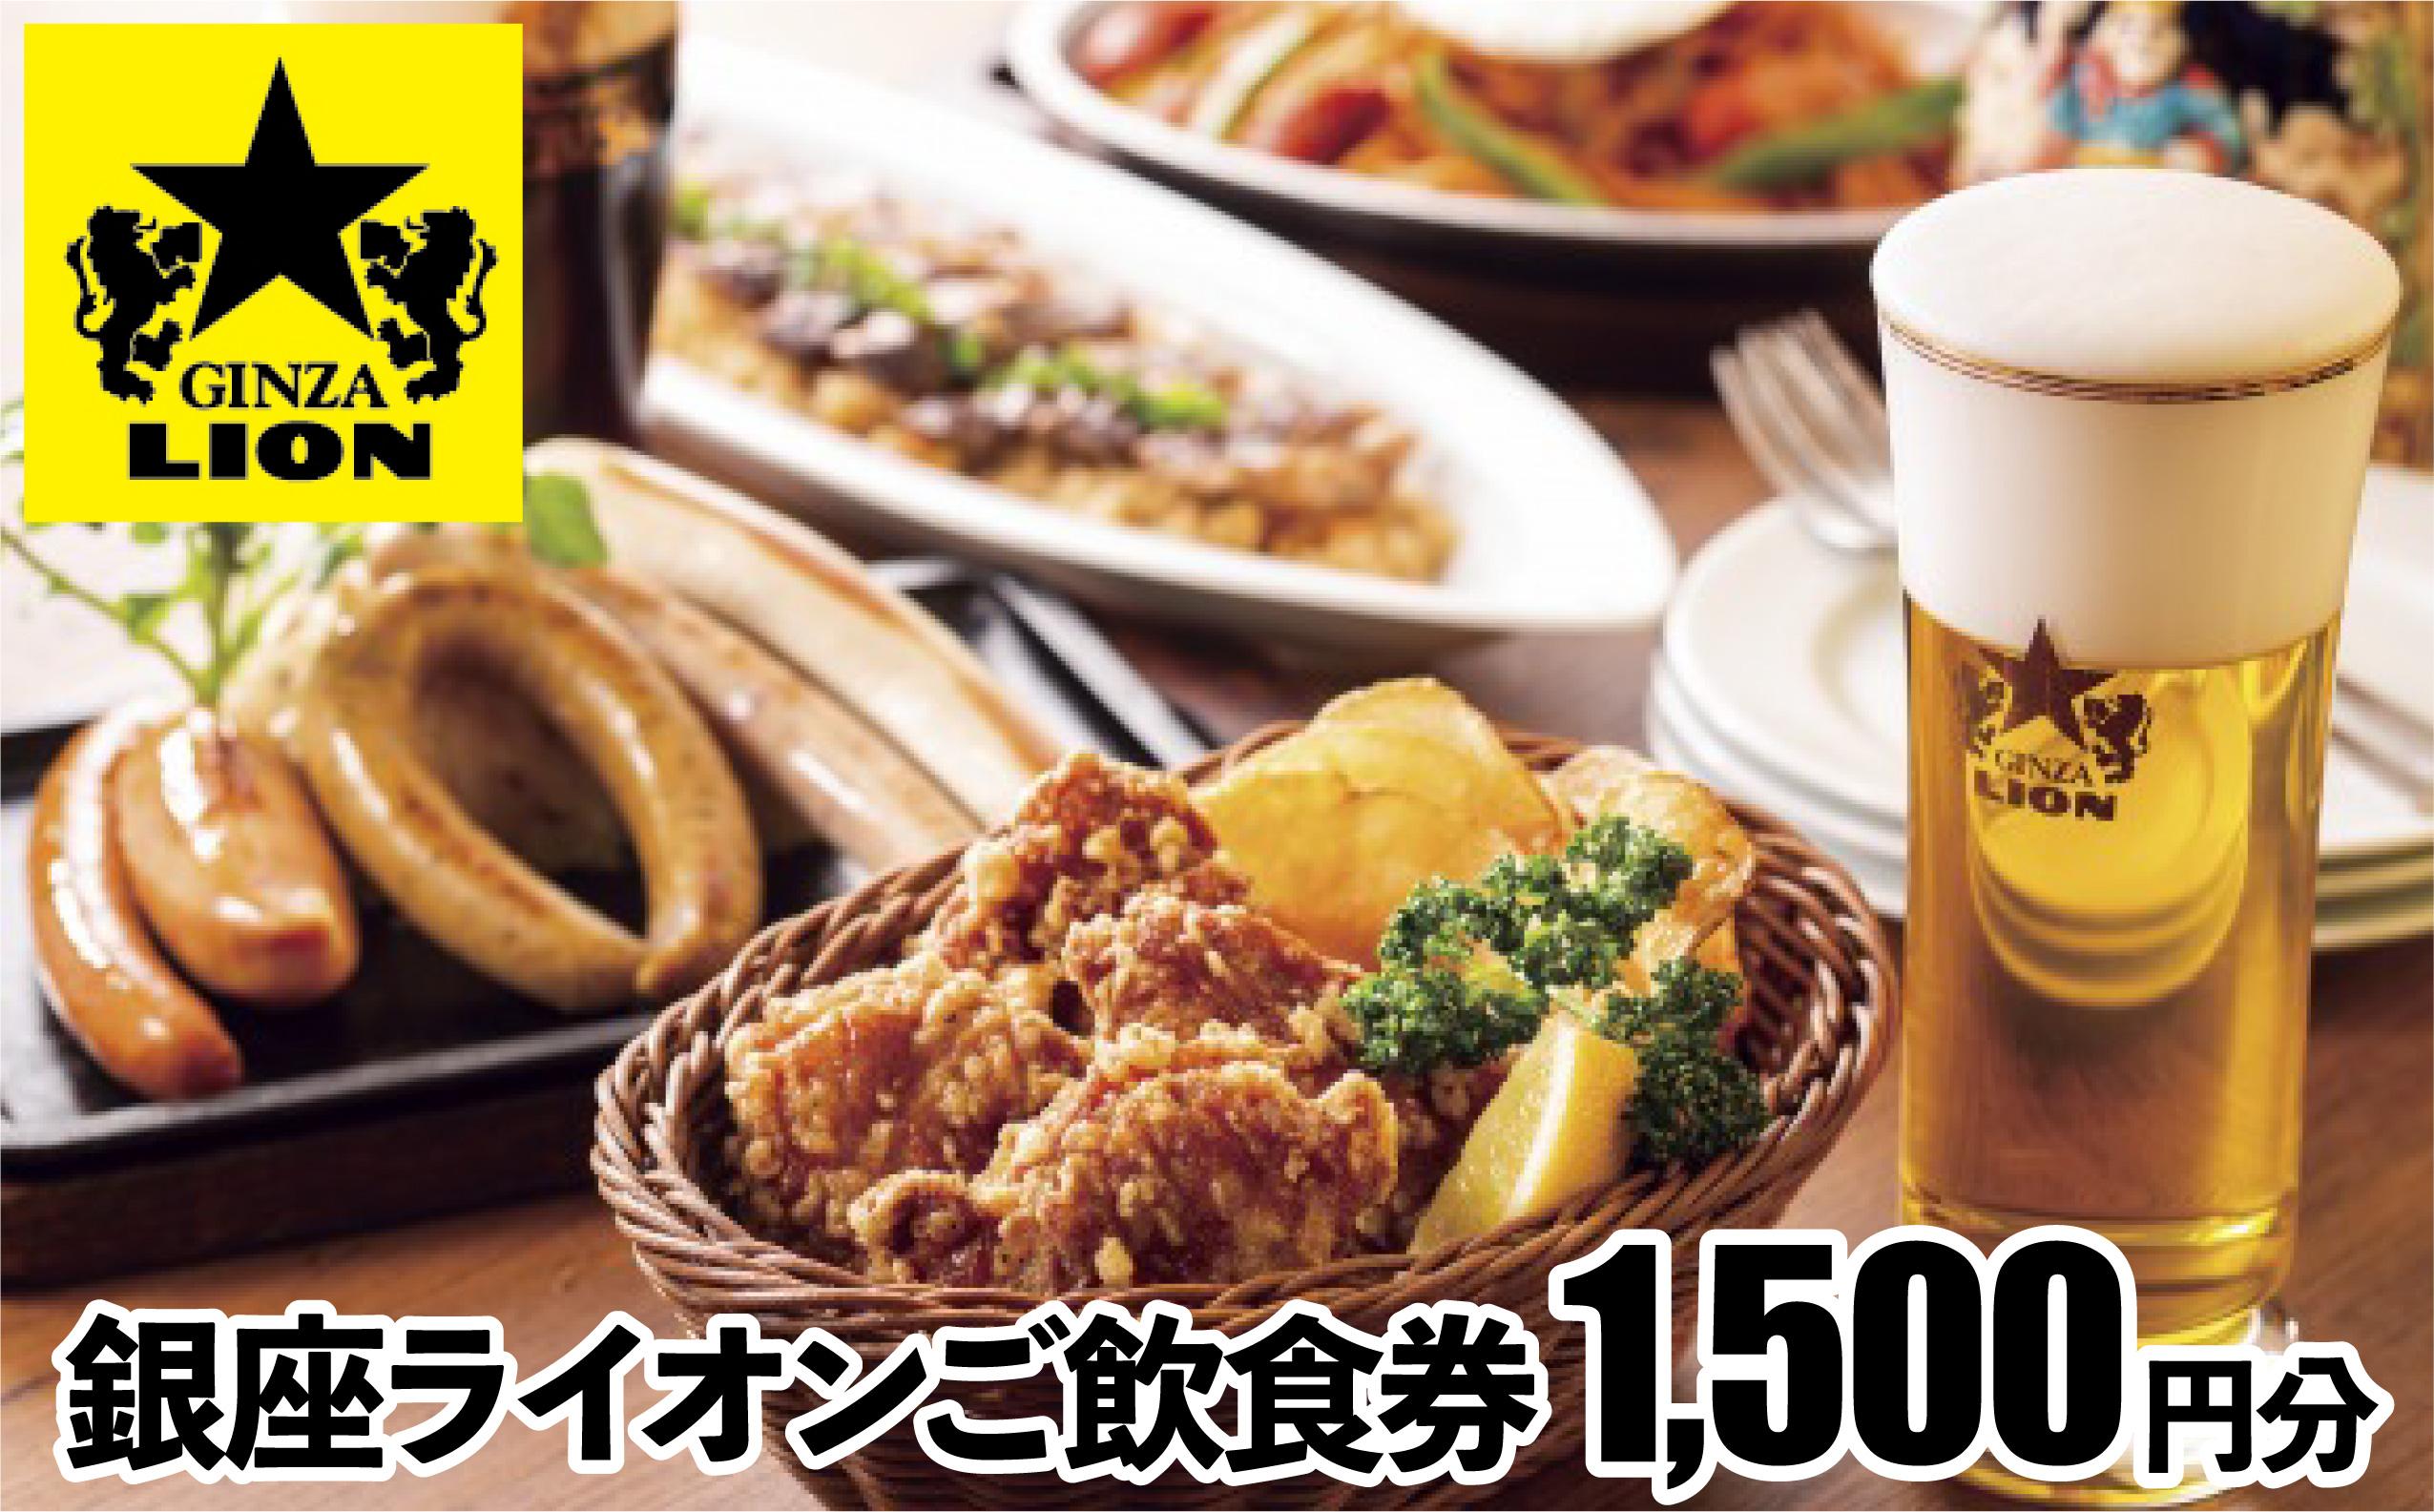 銀座ライオンチェーンで使える【1,500円分飲食券】